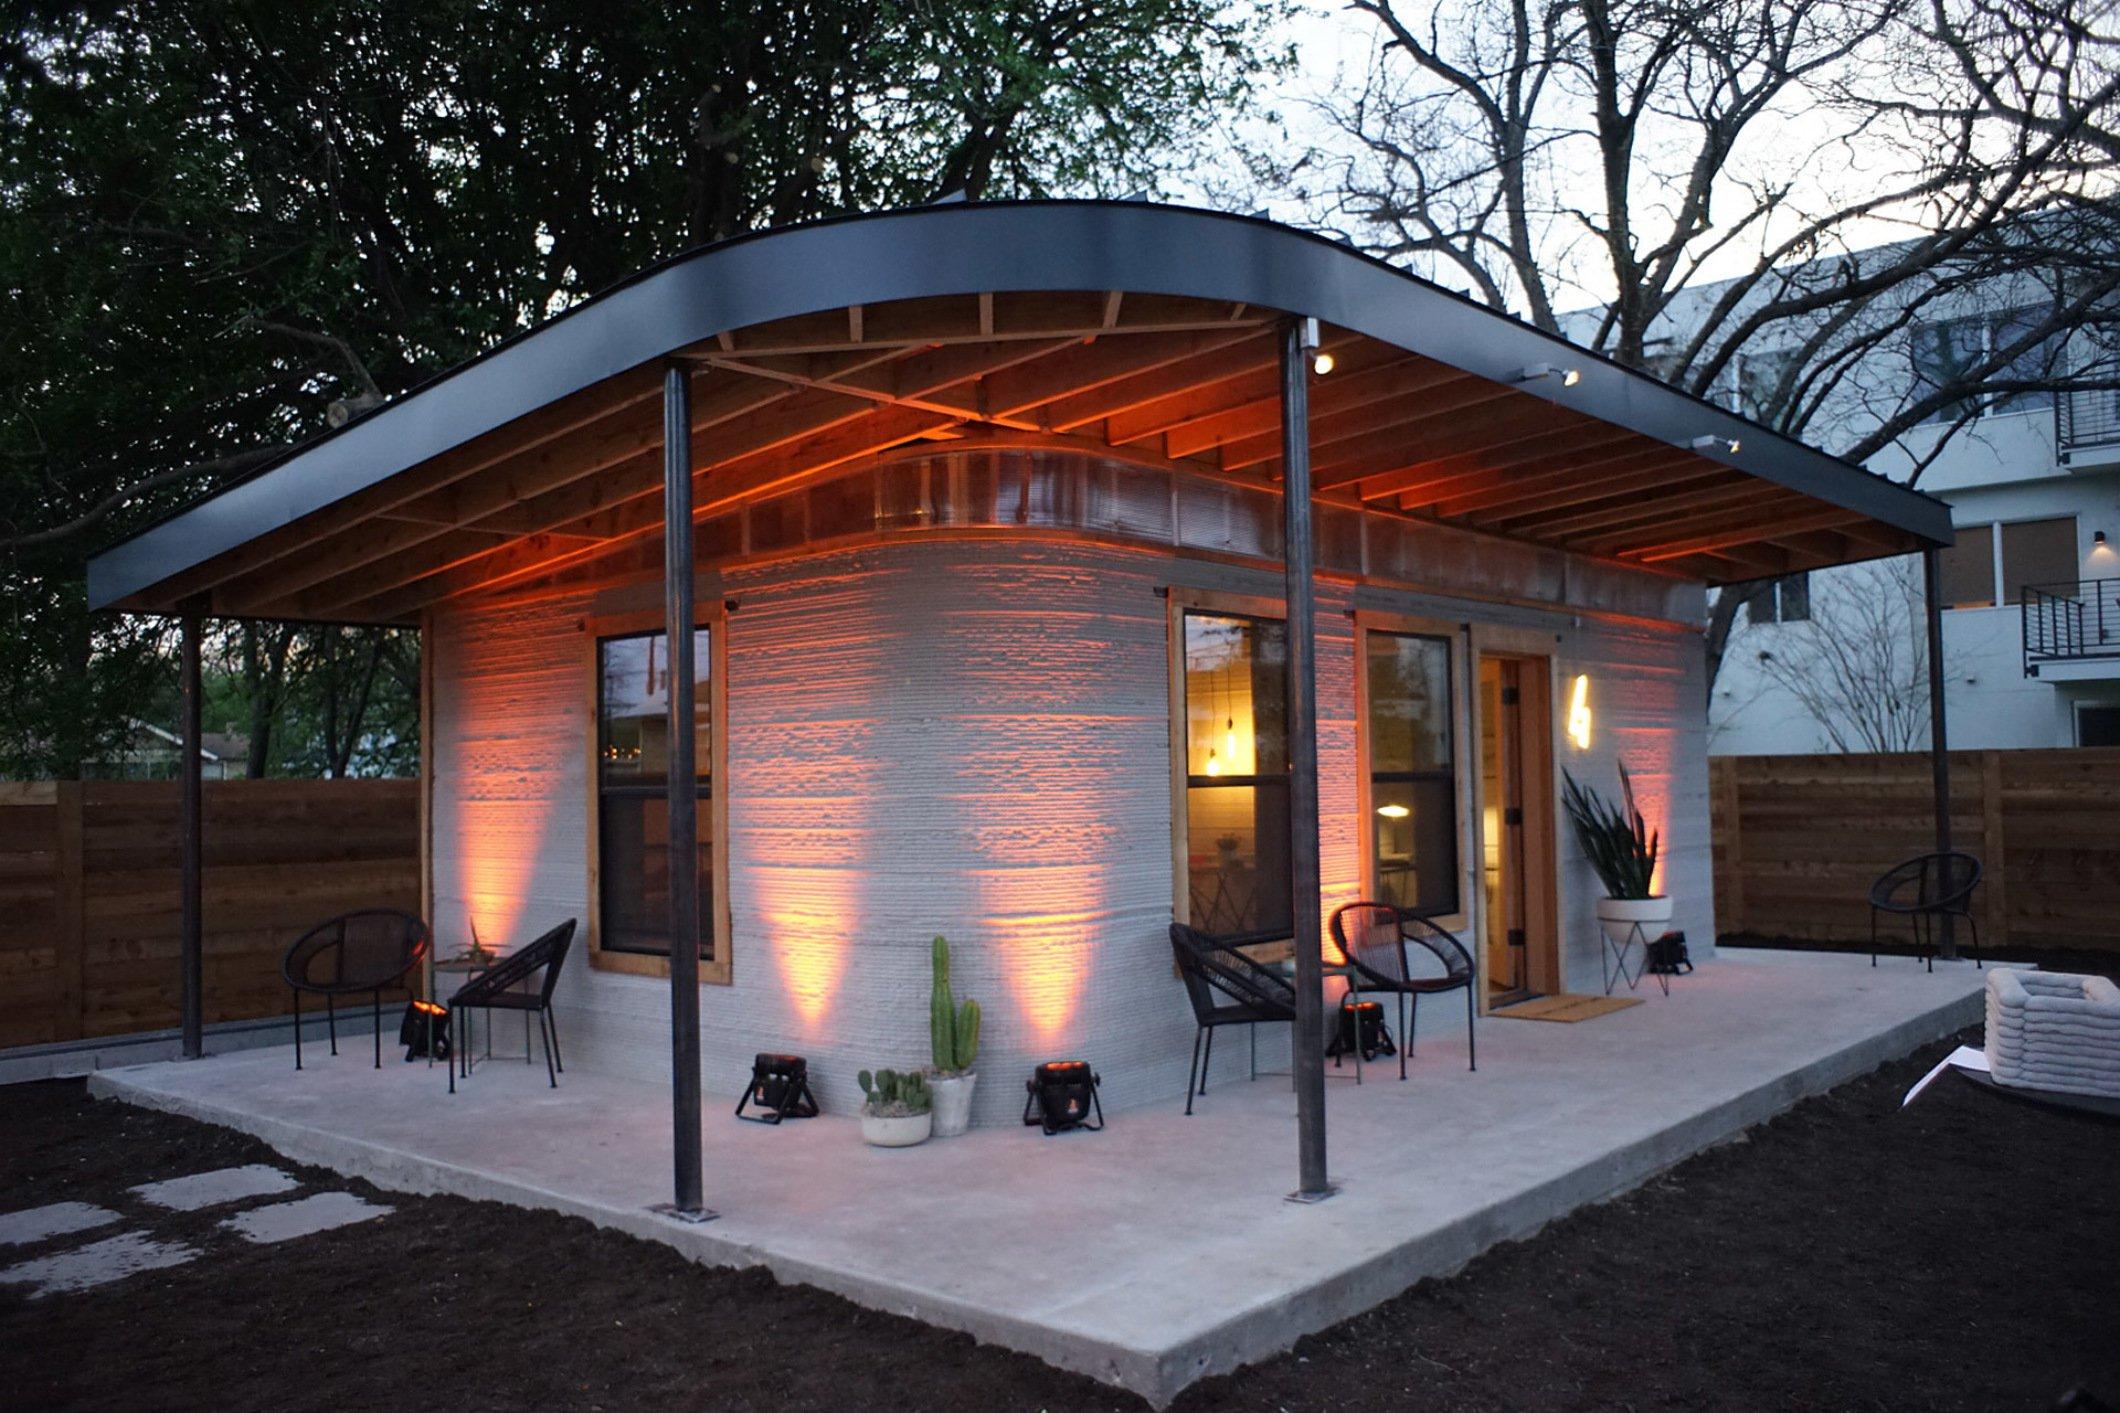 novidades na construção civil: casa construída em apenas 12 horas por impressora 3D